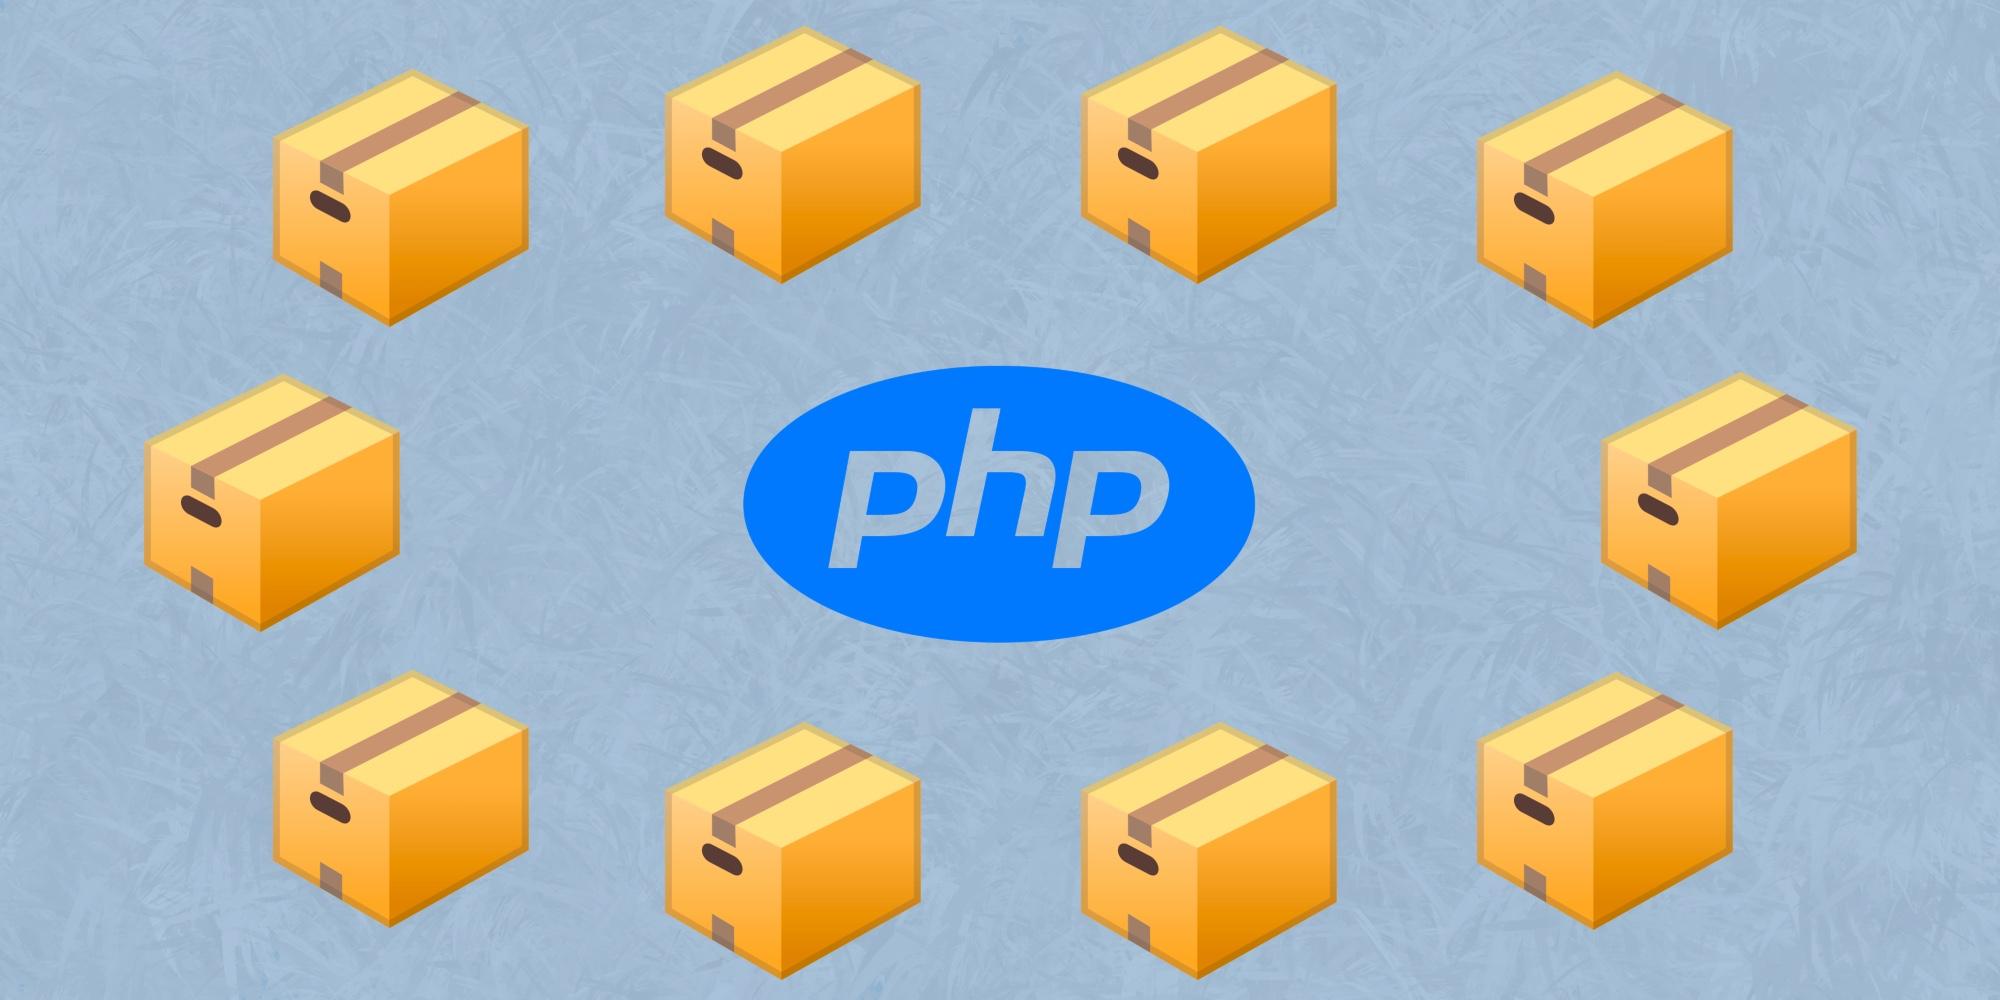 🐘 ТОП-55 библиотек для языка программирования PHP (версия 2.0)